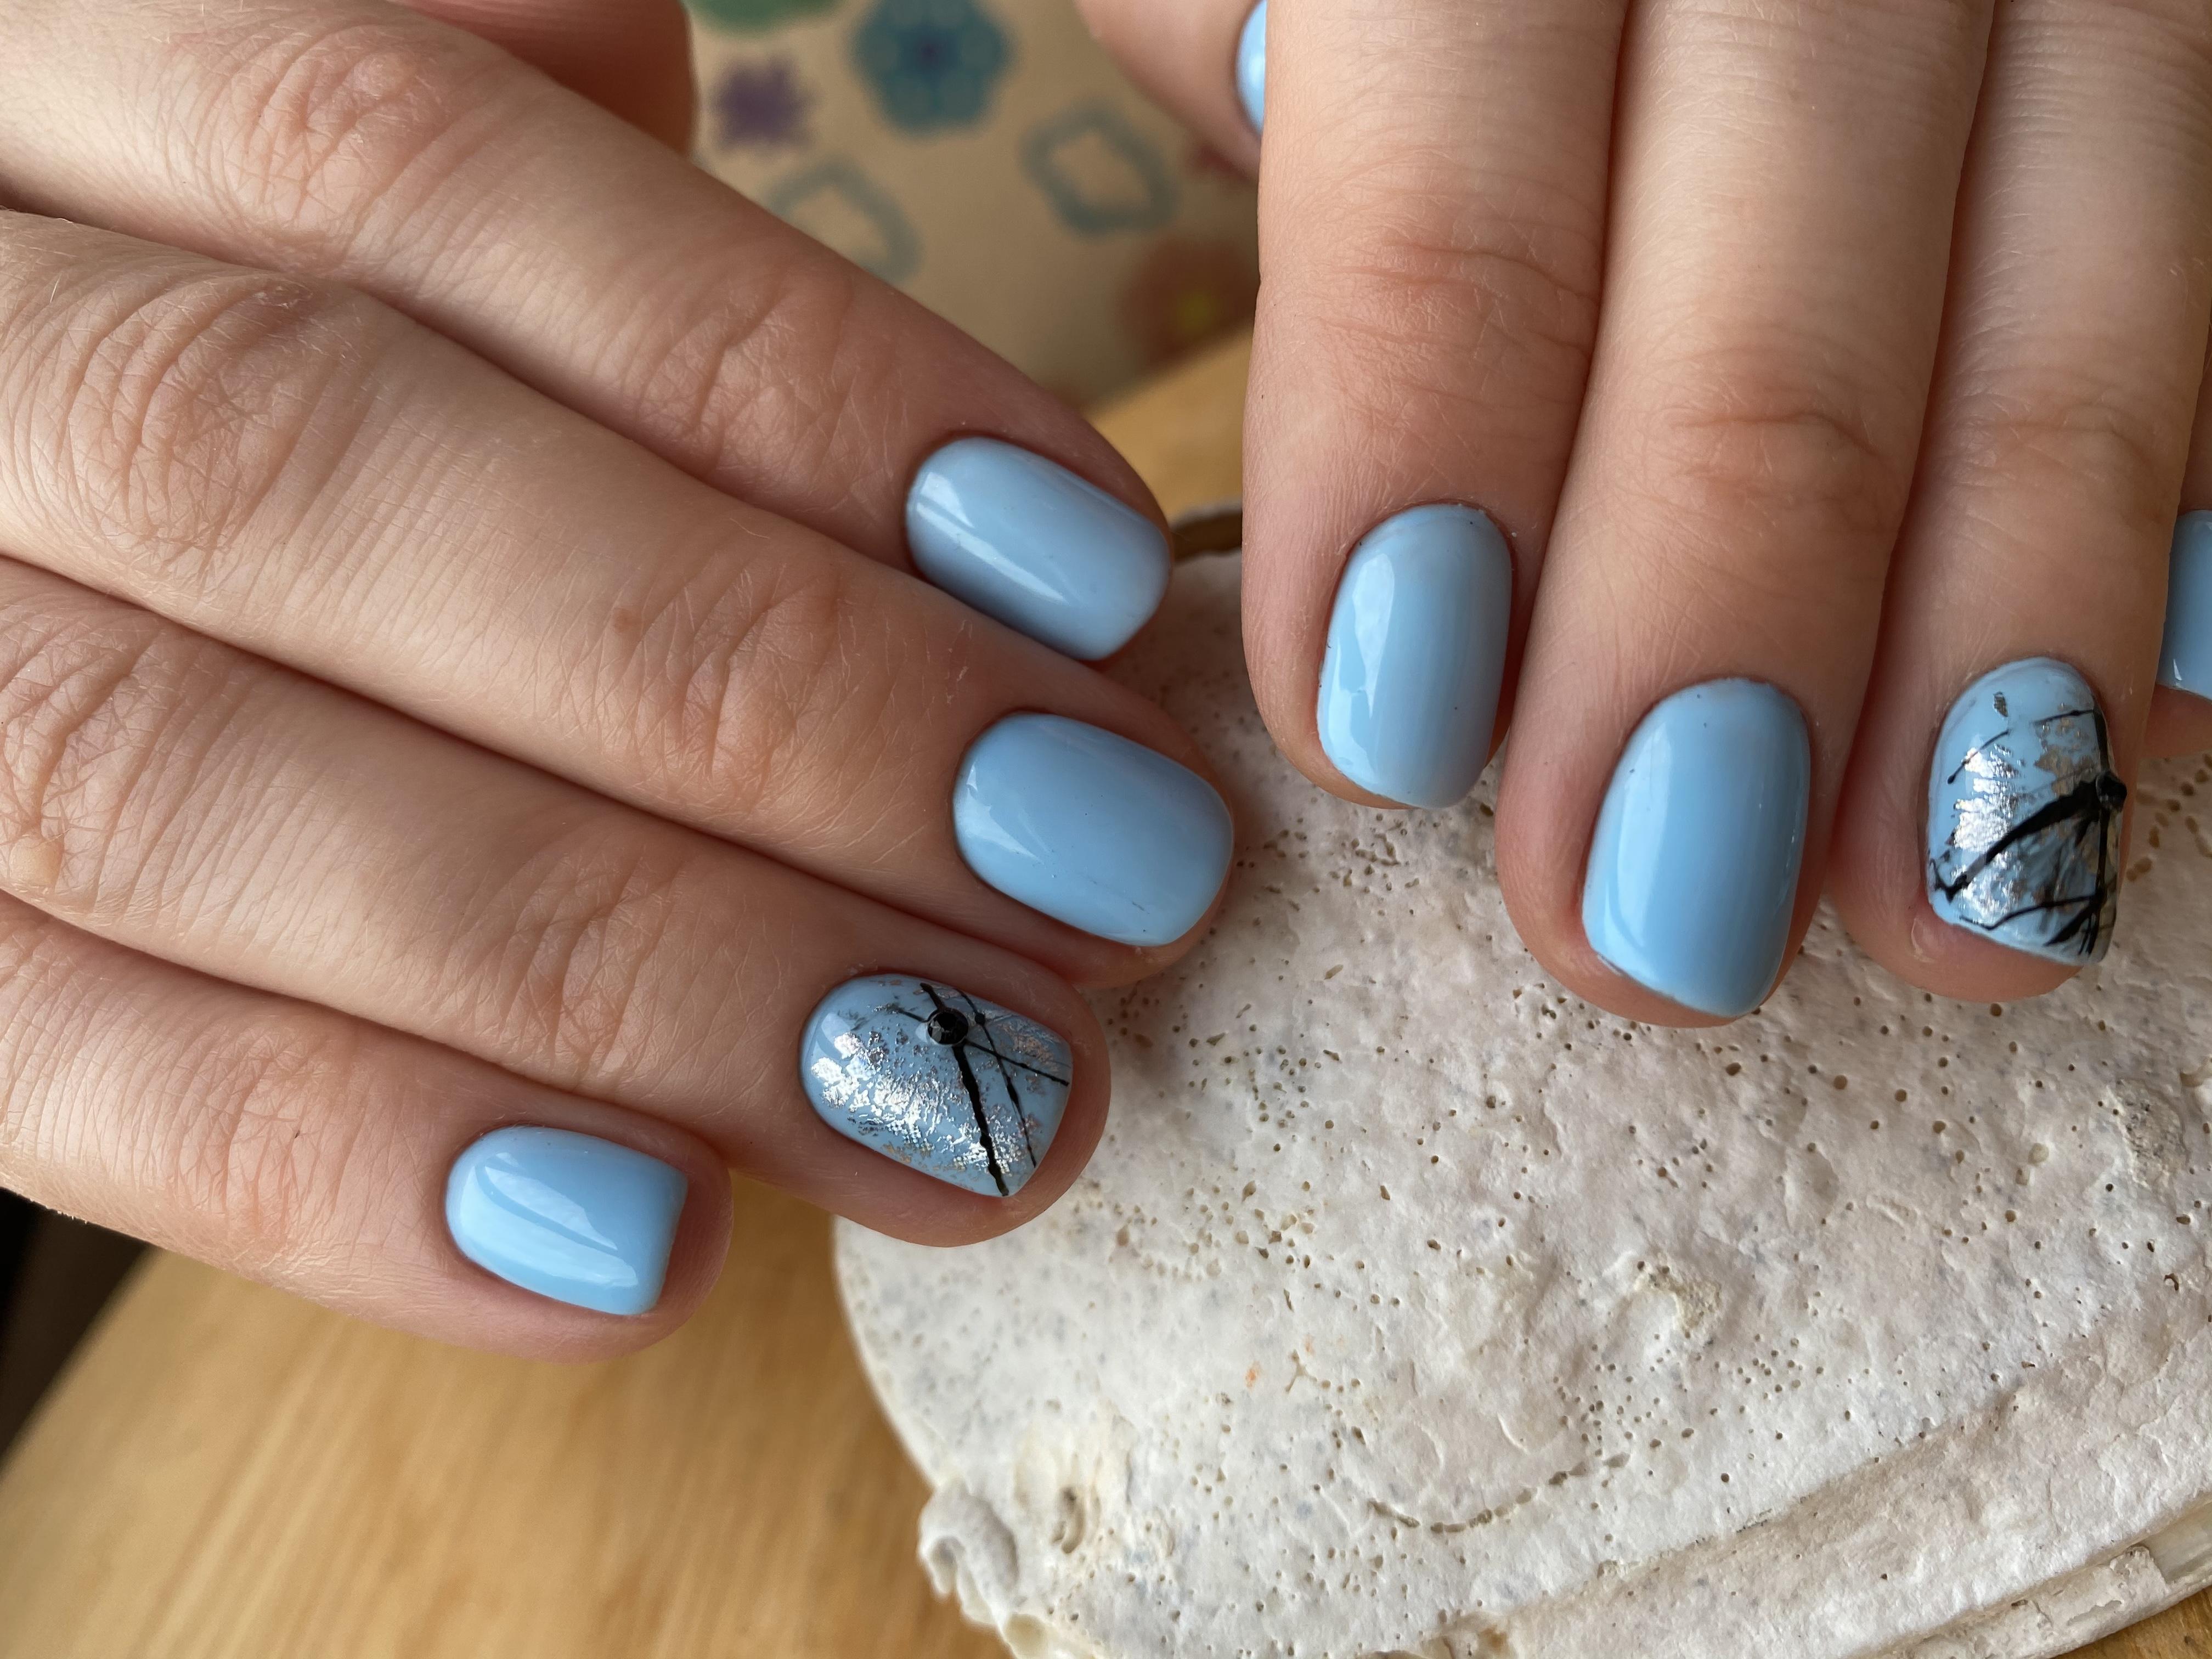 Маникюр с серебряной фольгой в голубом цвете на короткие ногти.